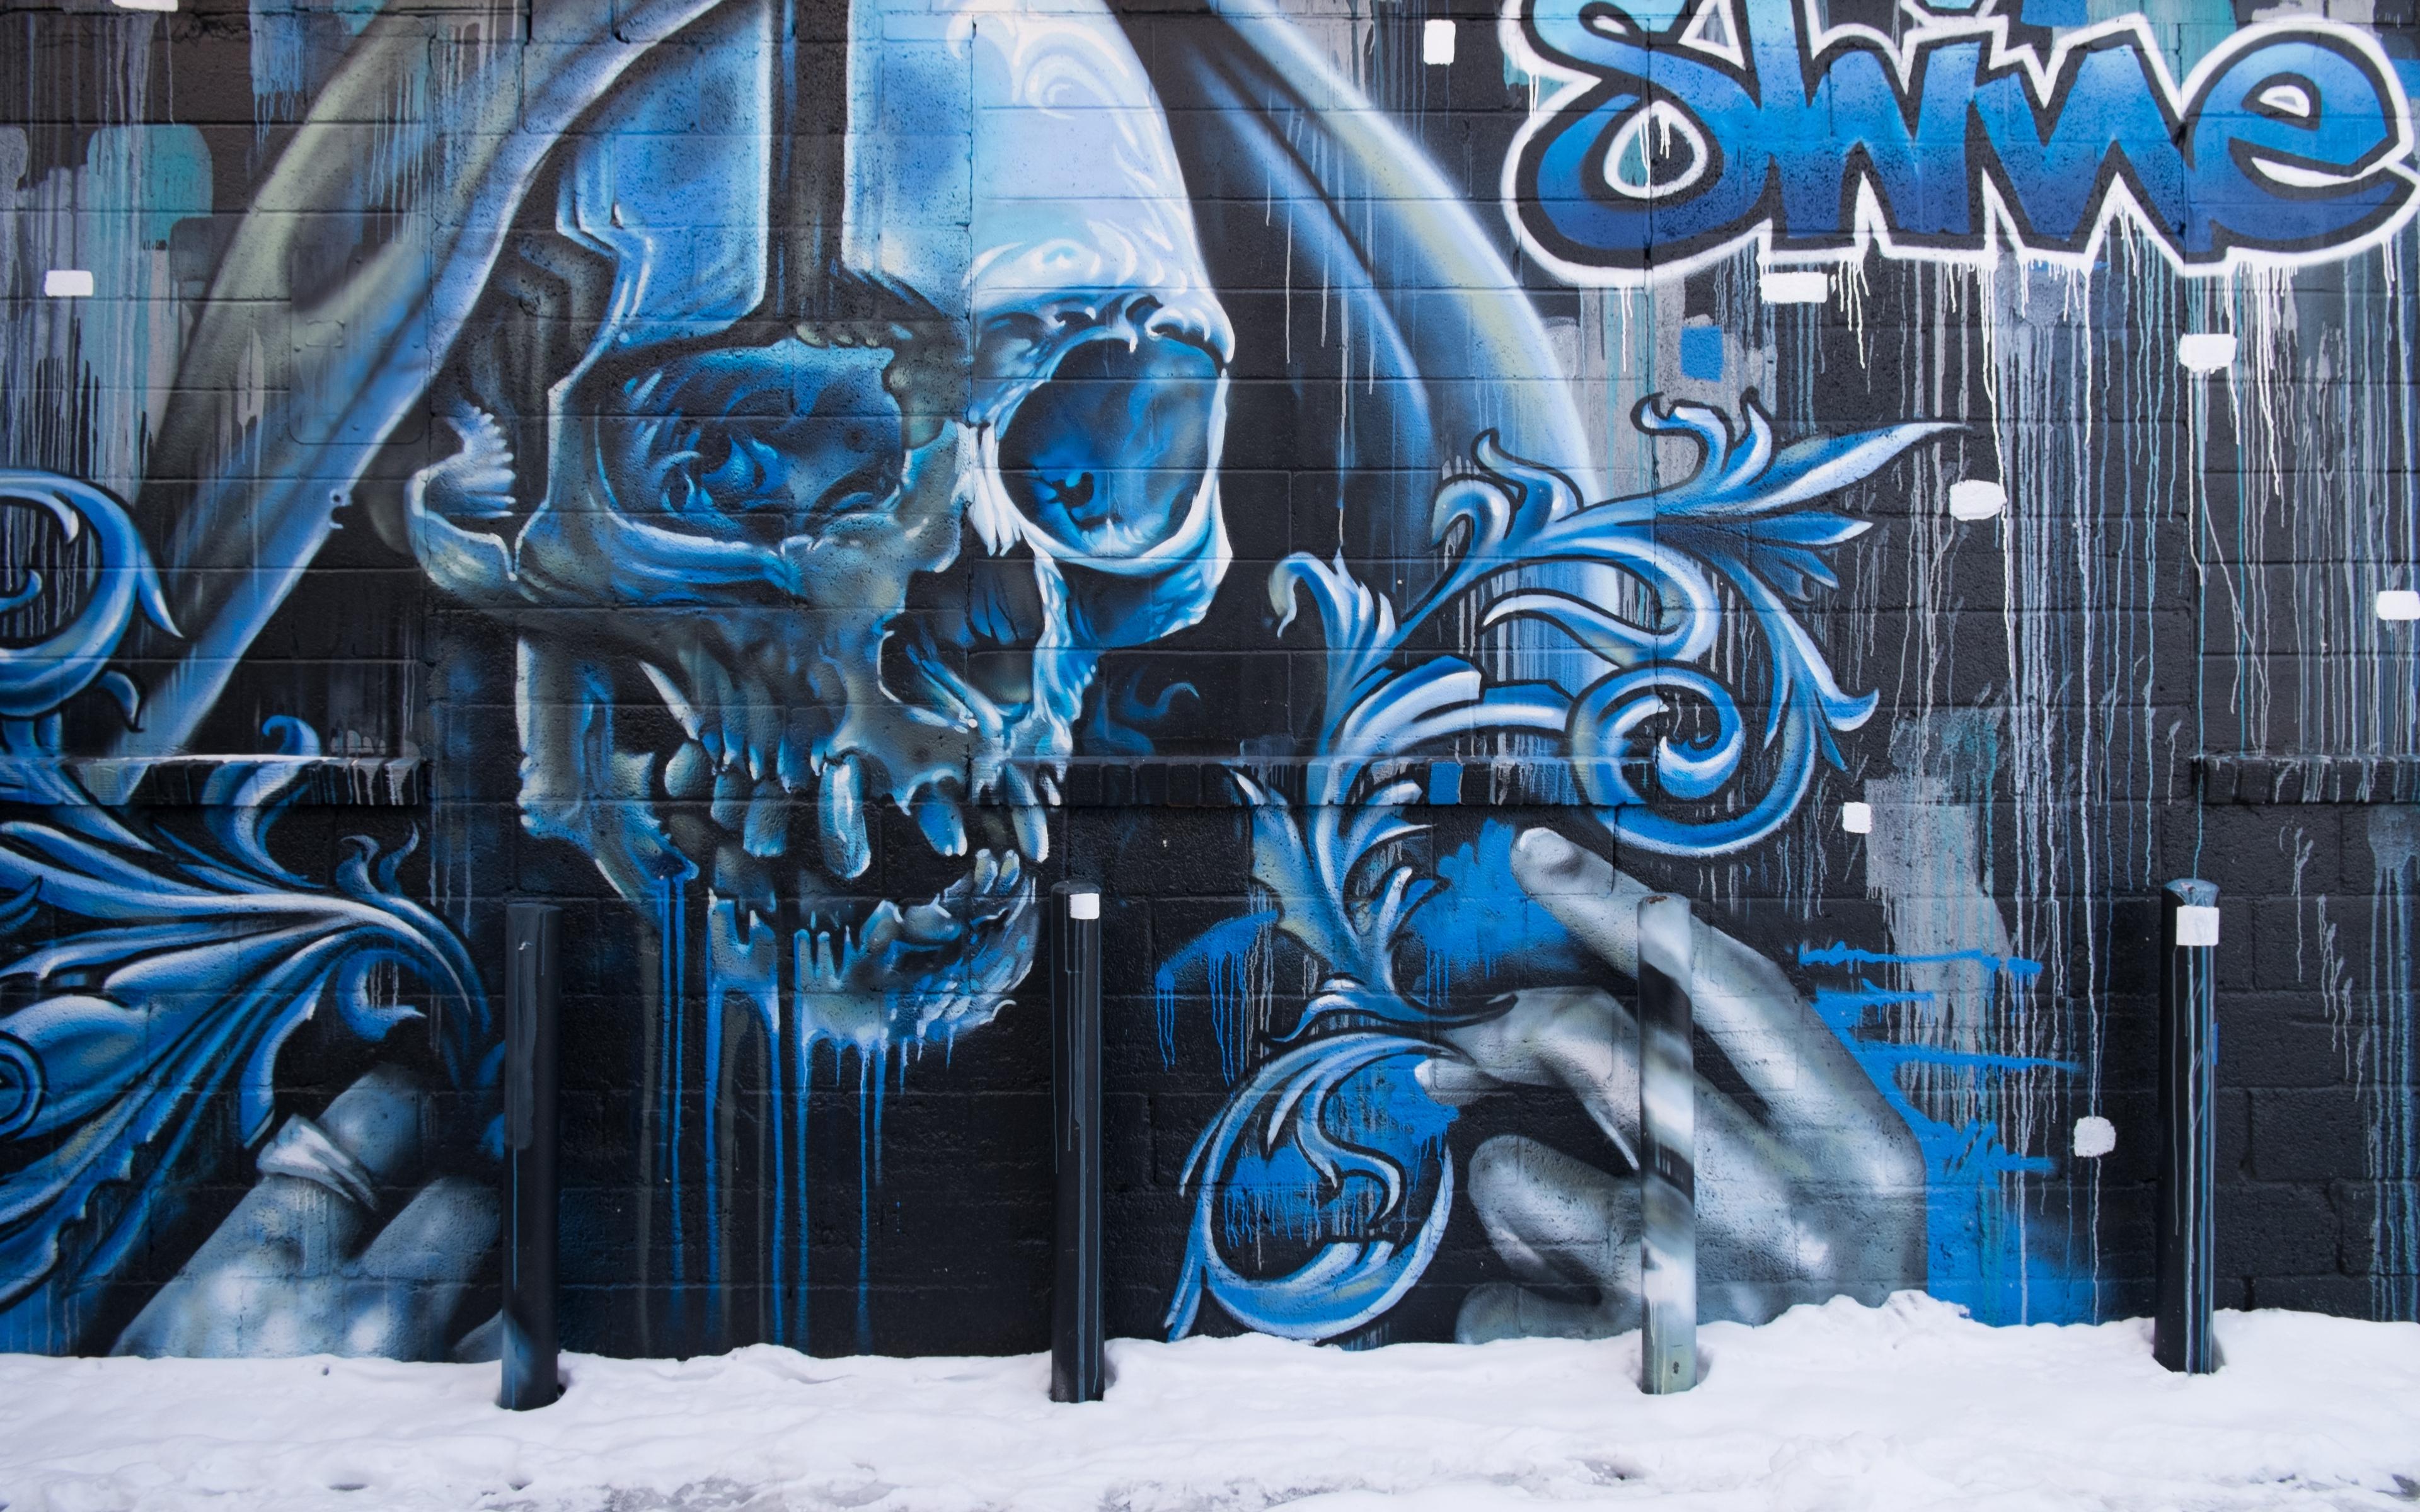 Wallpaper Skull, Graffiti, Street Art, Wall - Street Art Graffiti Wallpapers 4k - HD Wallpaper